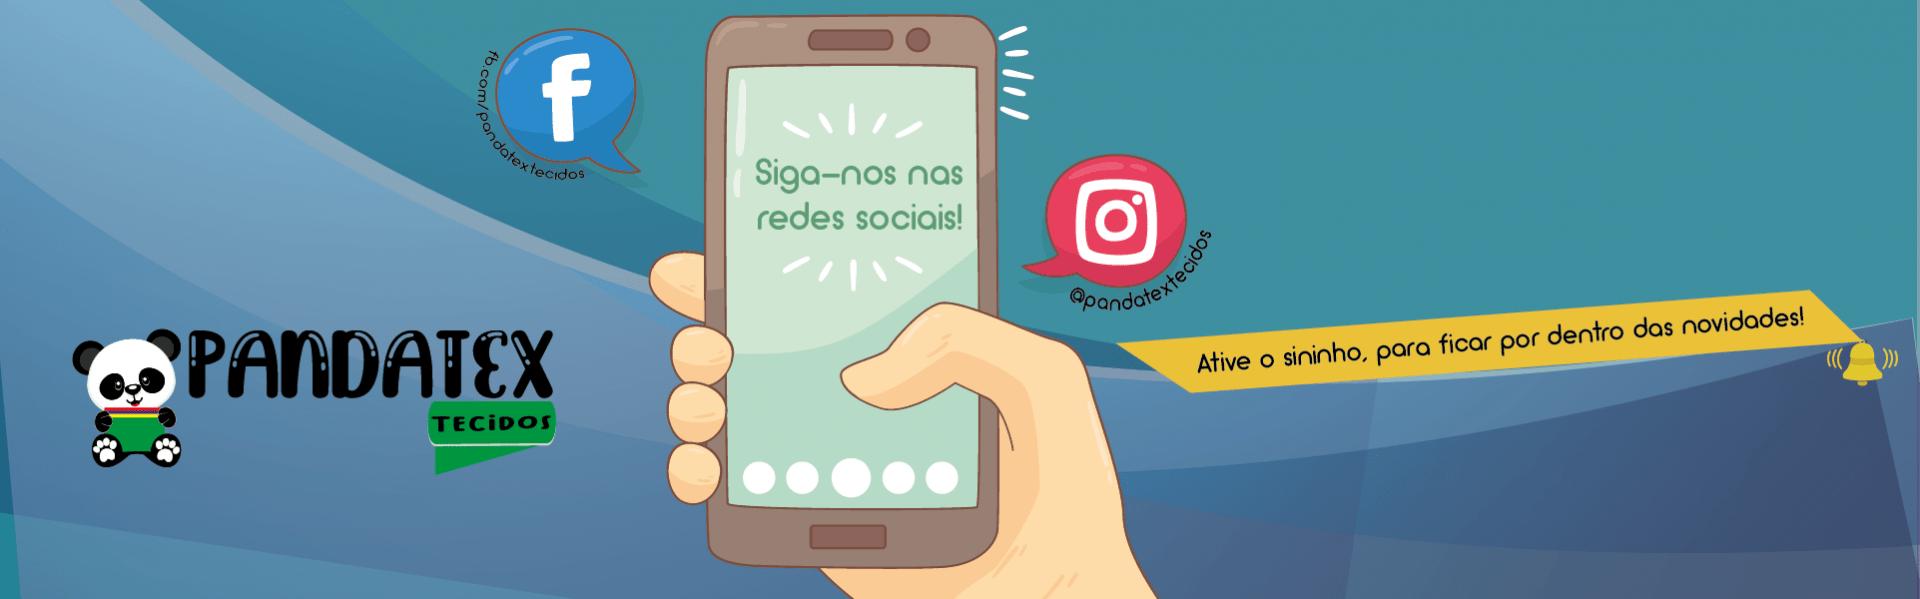 Redes sociais site